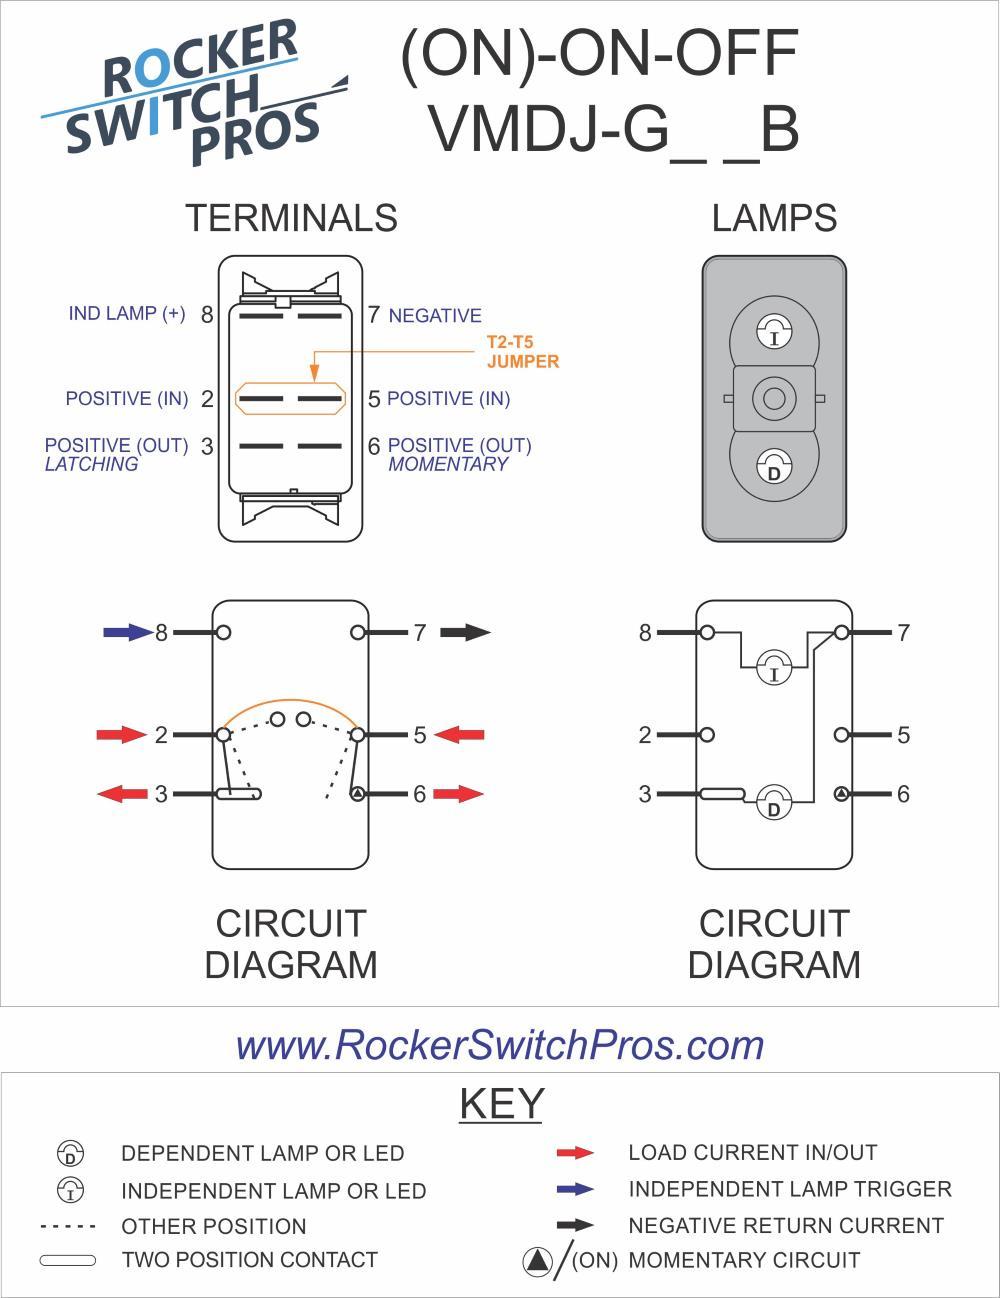 VMDJG66B | Engine Rocker Switch | (ON)-ON-OFF | Rocker Switch ProsRocker Switch Pros